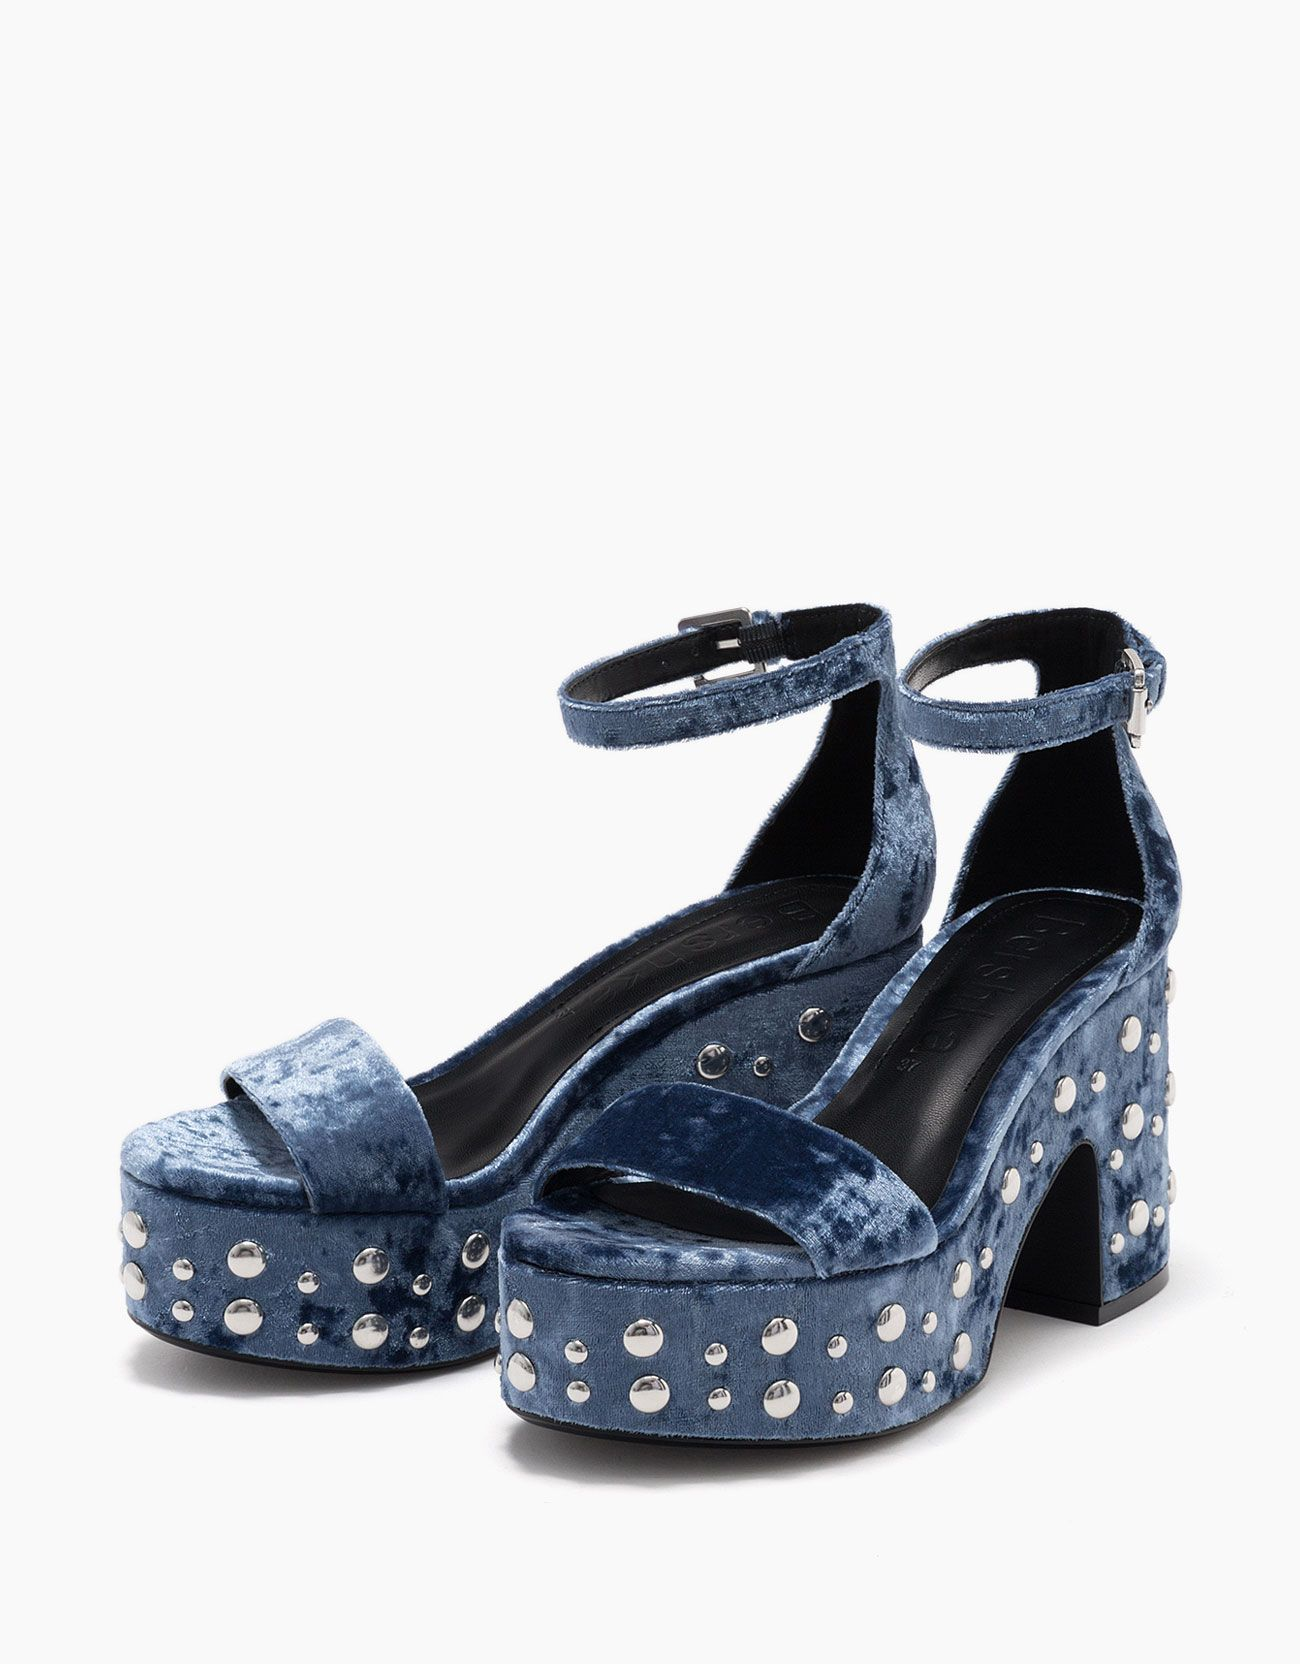 Sandalia plataforma terciopelo con tachas. Descubre ésta y muchas otras prendas en Bershka con nuevos productos cada semana